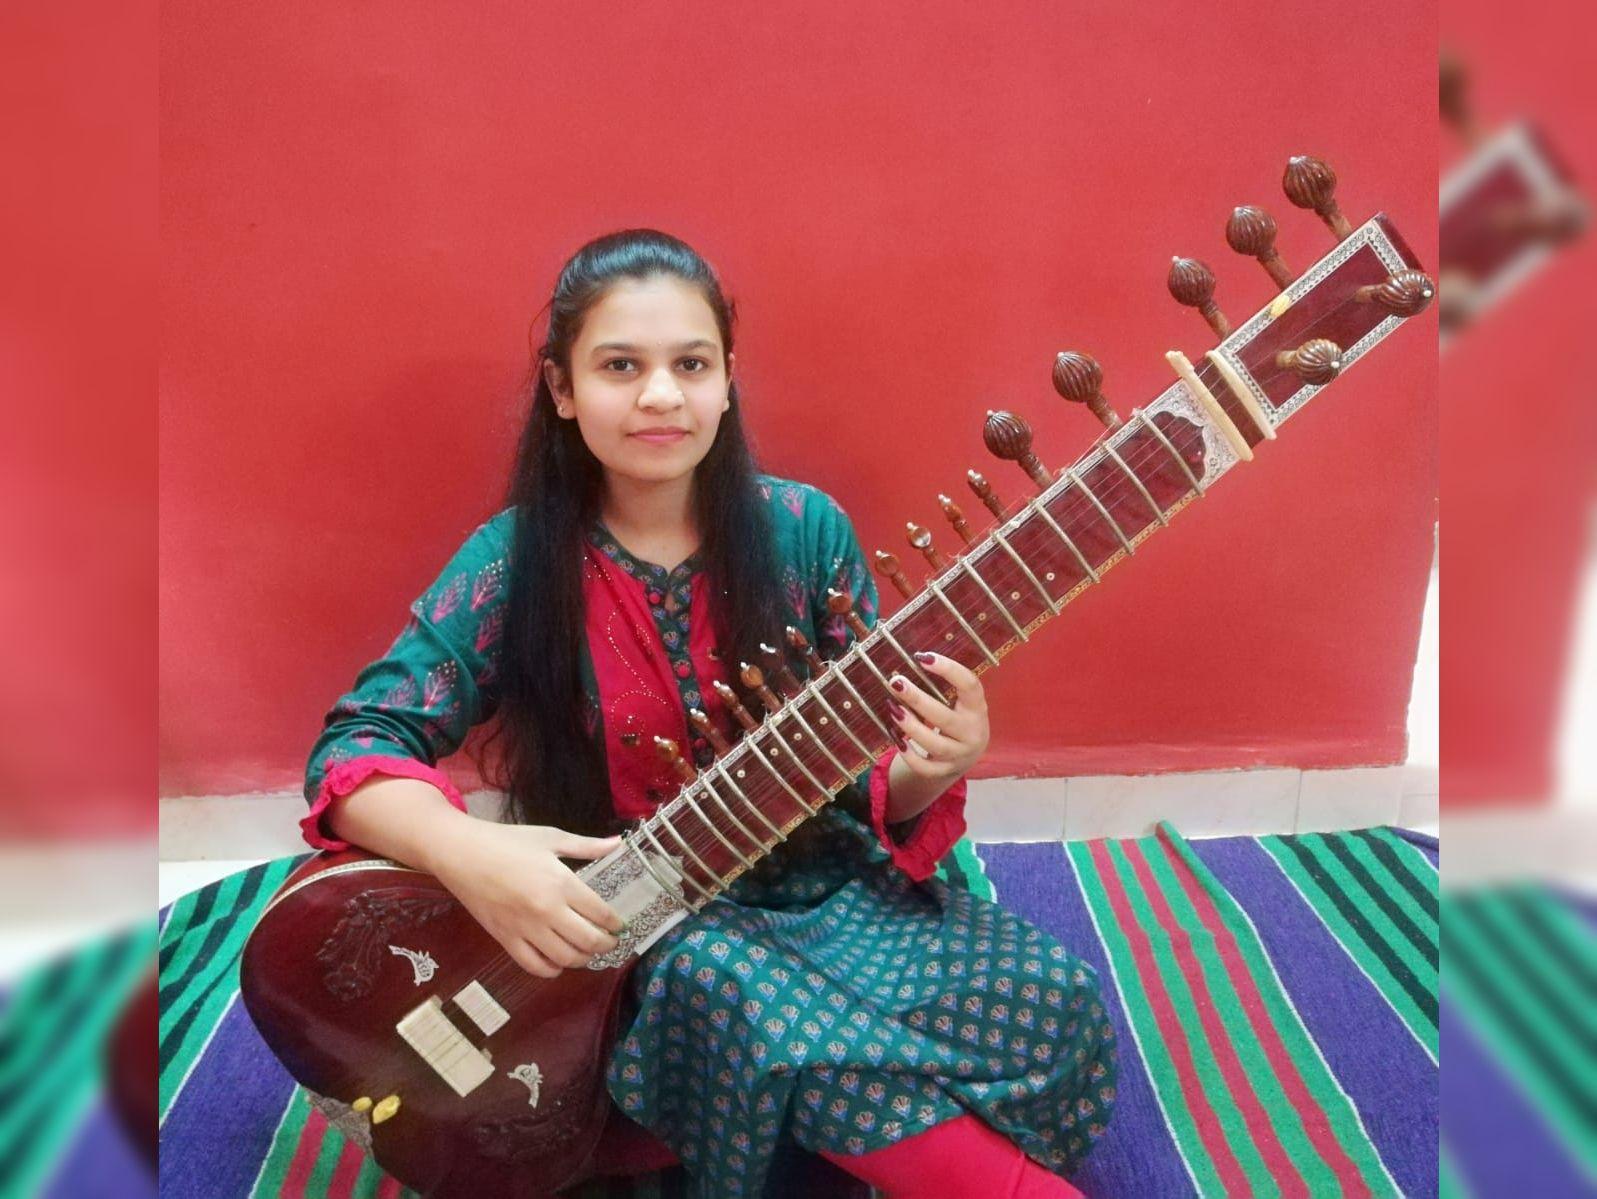 વંદીતા શાસ્ત્રી વાદ્ય સંગીત સ્પર્ધામાં રાજય કક્ષાએ પ્રથમ ક્રમે સુરત,Surat - Divya Bhaskar